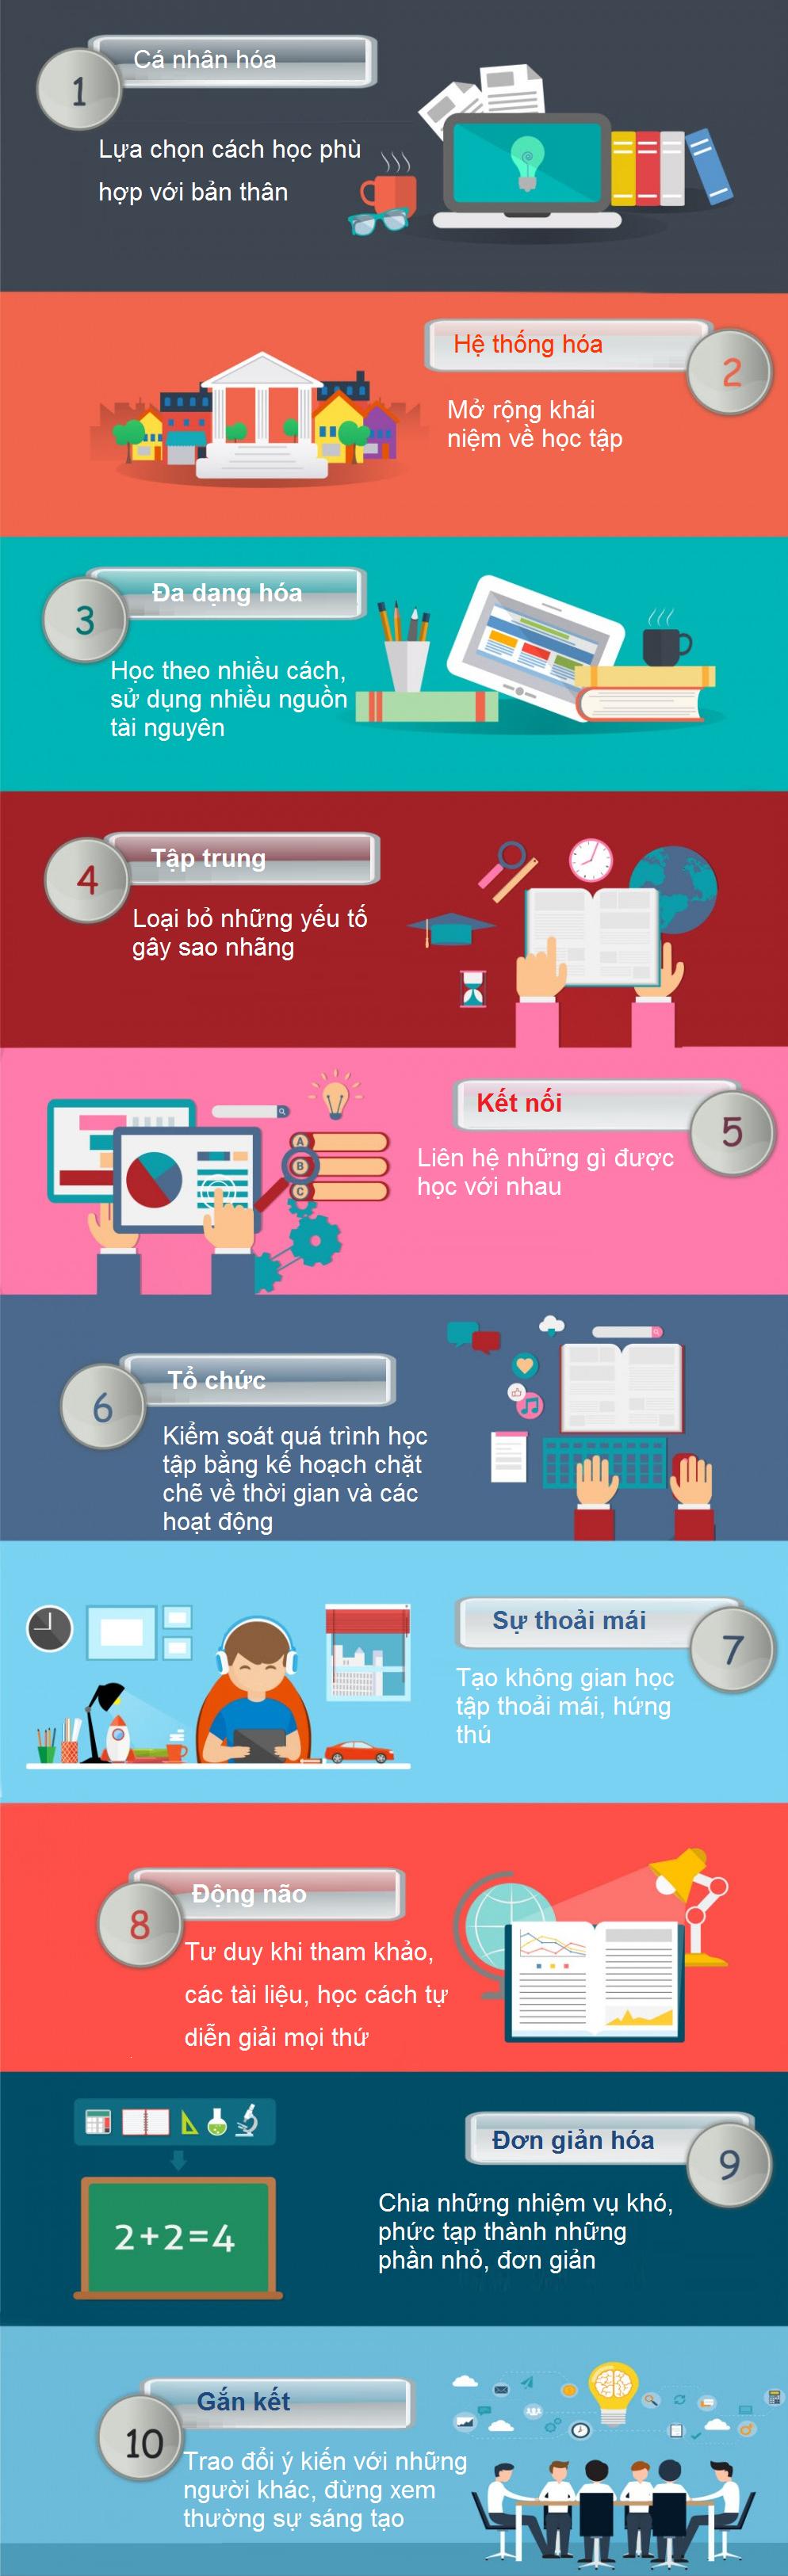 10 bí quyết học online thành công